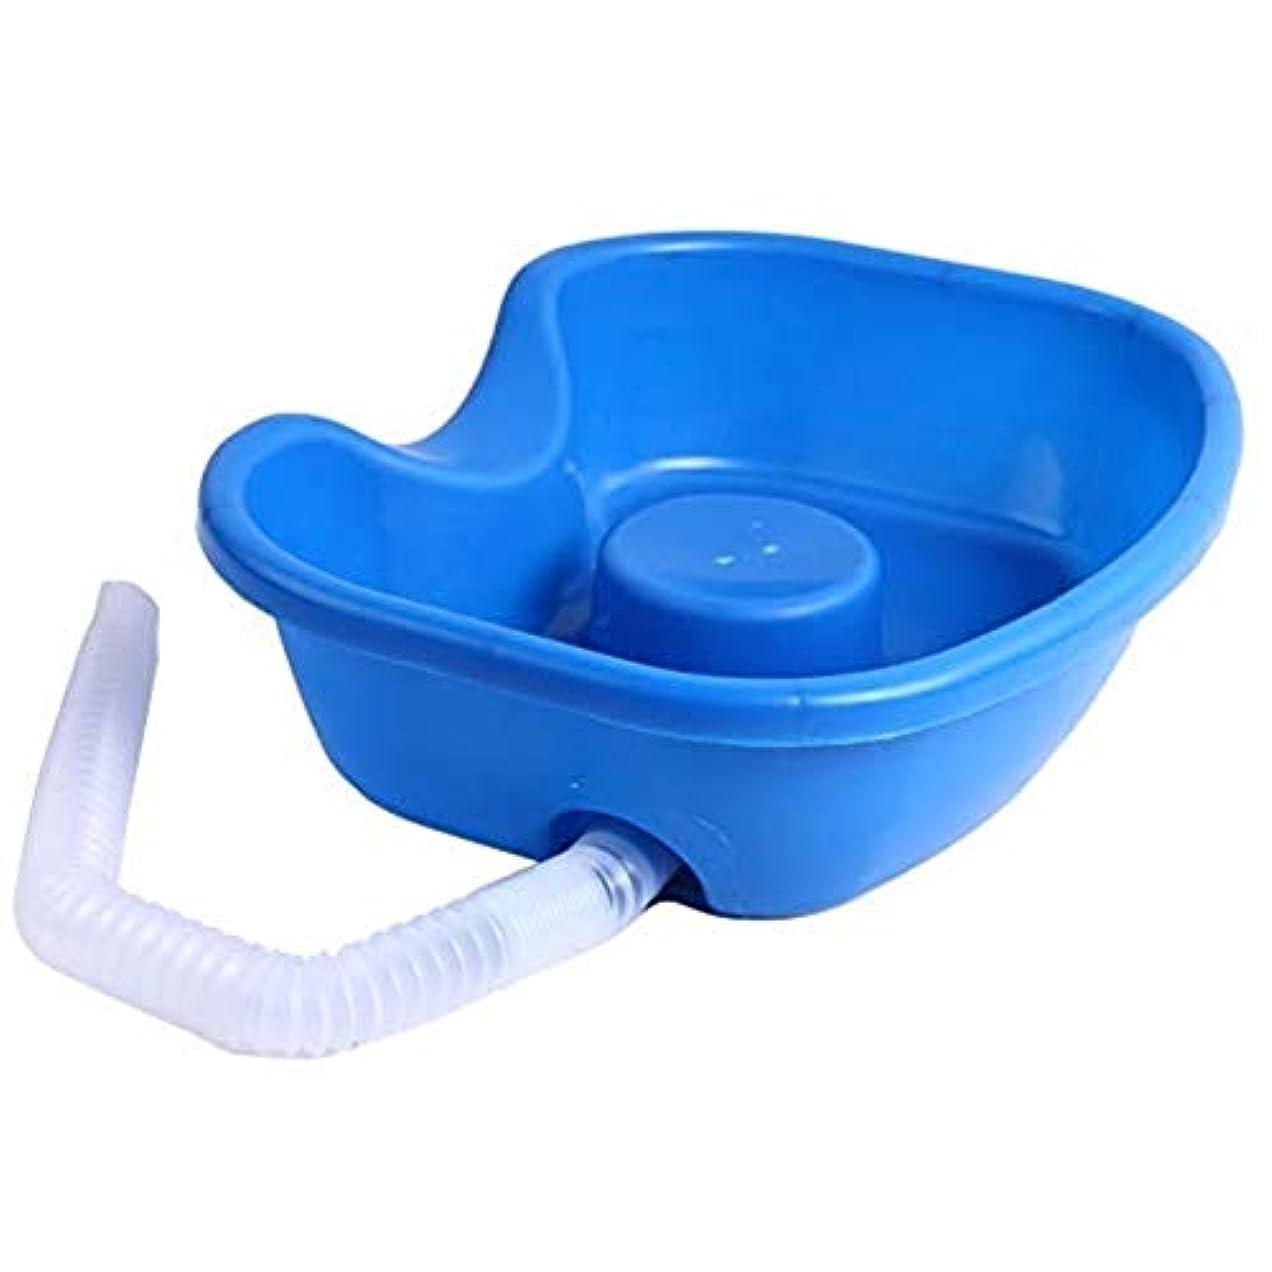 硬い飲み込む判決シャンプー洗面器医療厚手プラスチック寝台洗髪コンディショナートレイ介助者障害者、妊婦、高齢者の寝たきり